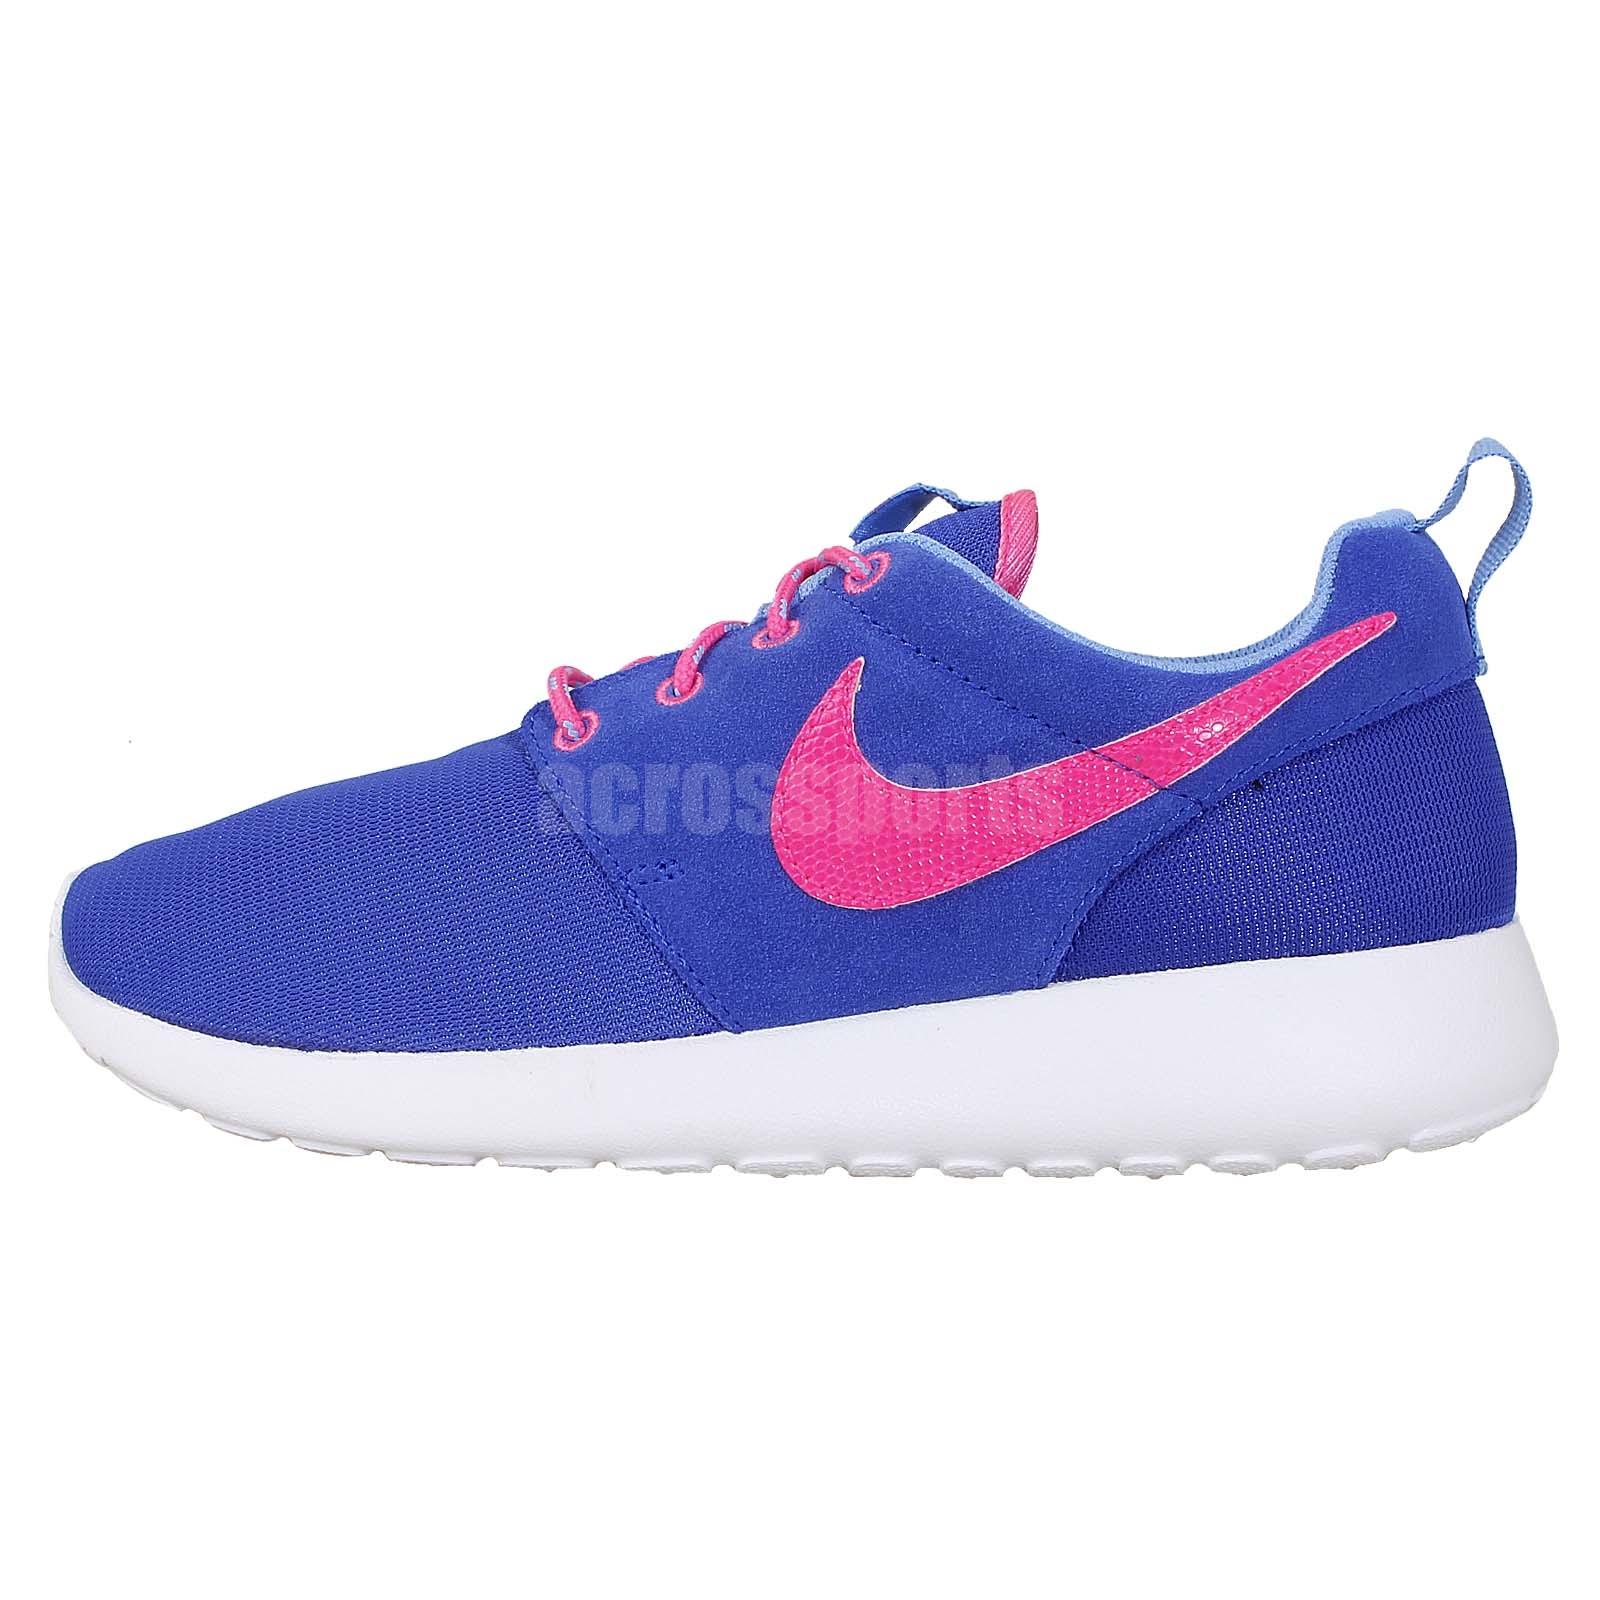 Details about Nike Rosherun GS Roshe Run Blue Pink 2014 Kids Girls